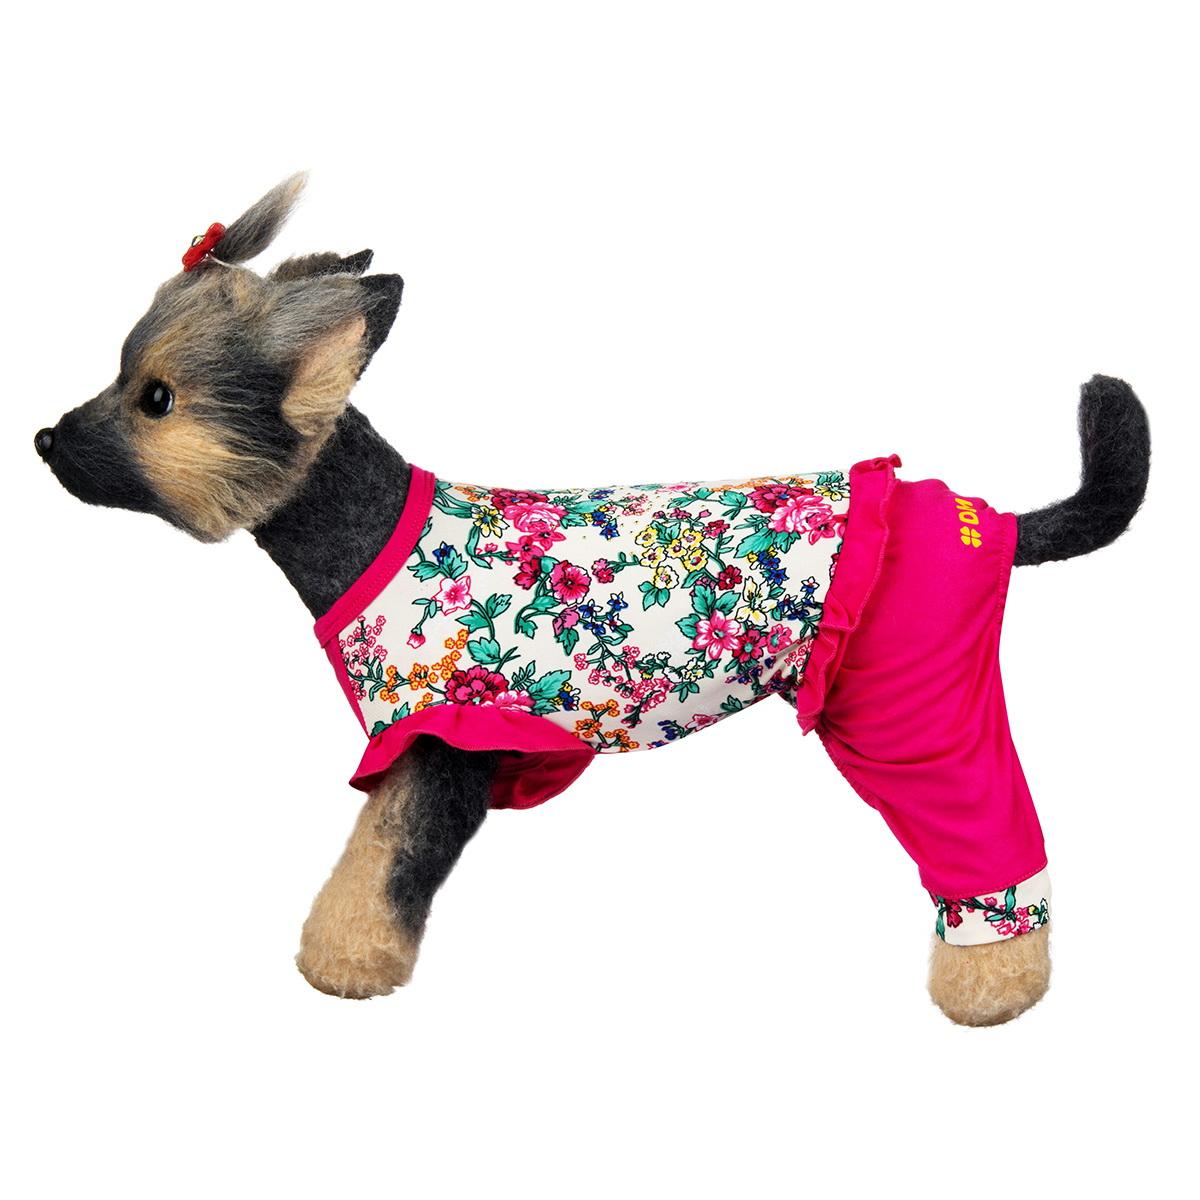 Комбинезон для собак Dogmoda Оливия, для девочки, цвет: розовый, белый. Размер 4 (XL) комбинезон для собак dogmoda оливия трикотажный размер 1